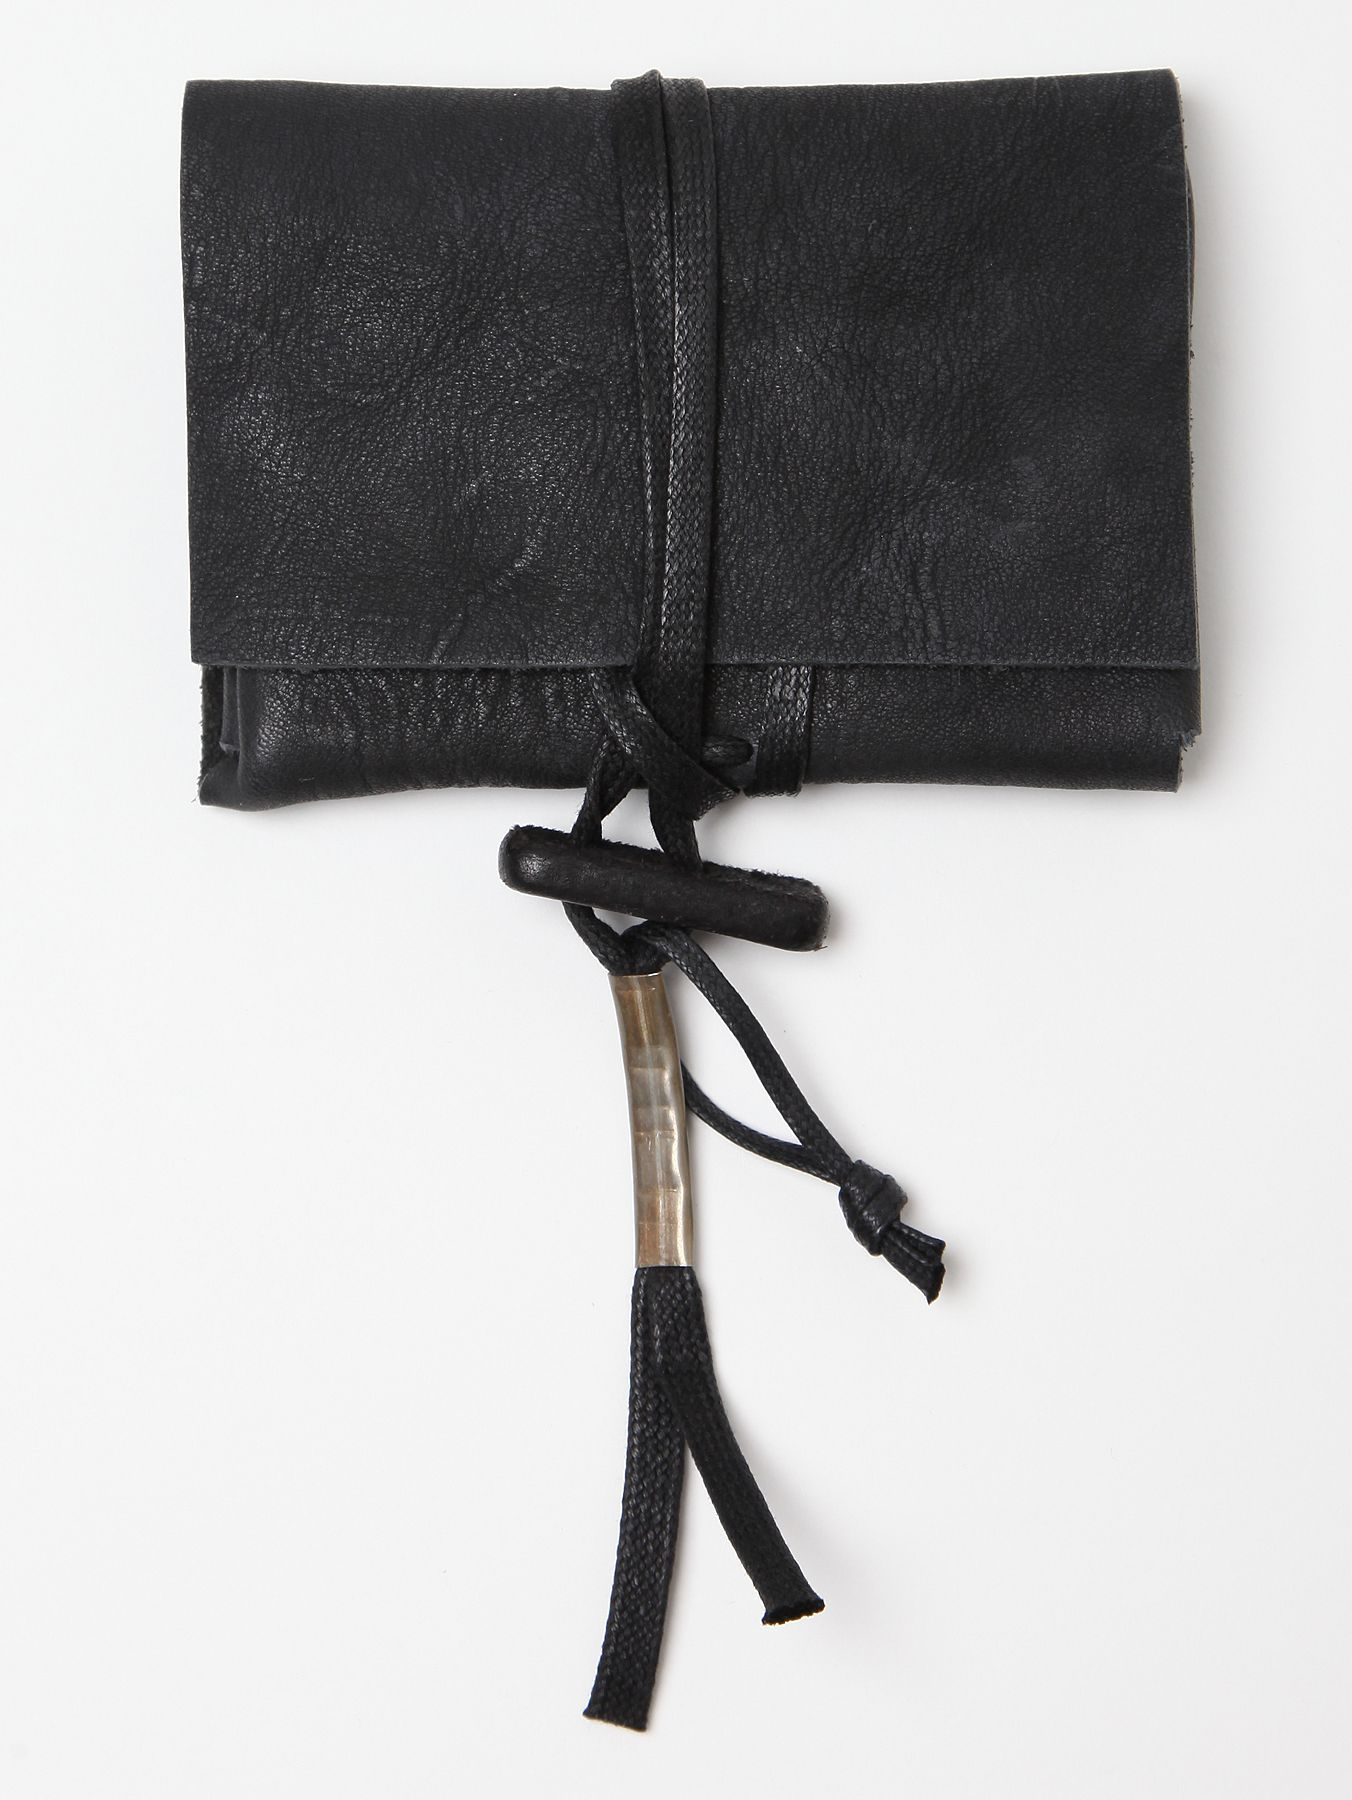 BORIS BIDJAN SABERI, SS11 LEATHER POUCH WALLET: that toggle. #boris_bidjan_saberi #leather #bag #wallet